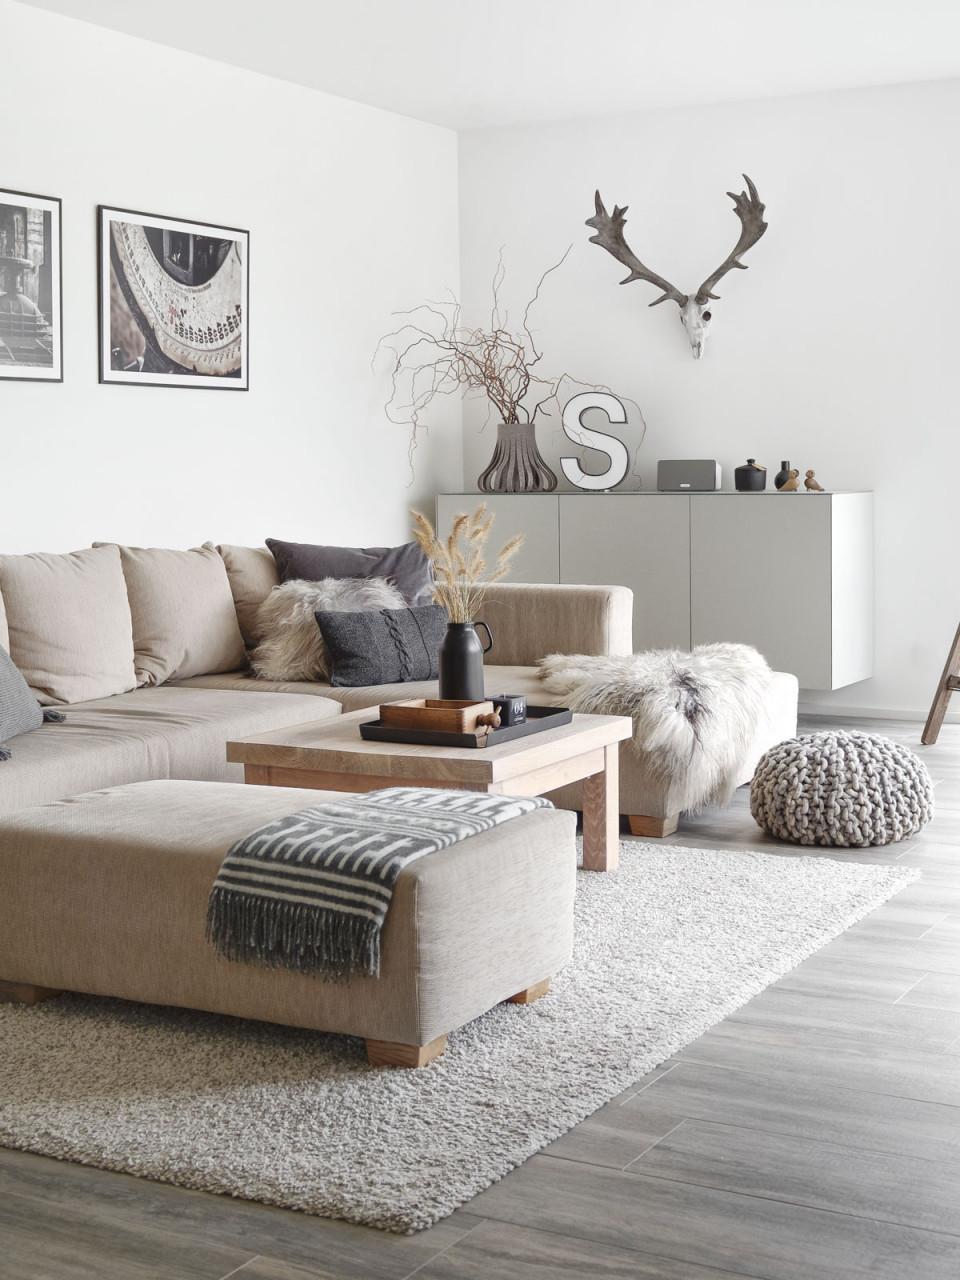 Dekoration  Wandschrank Im Wohnzimmer  Mxliving von Suche Deko Für Wohnzimmer Photo